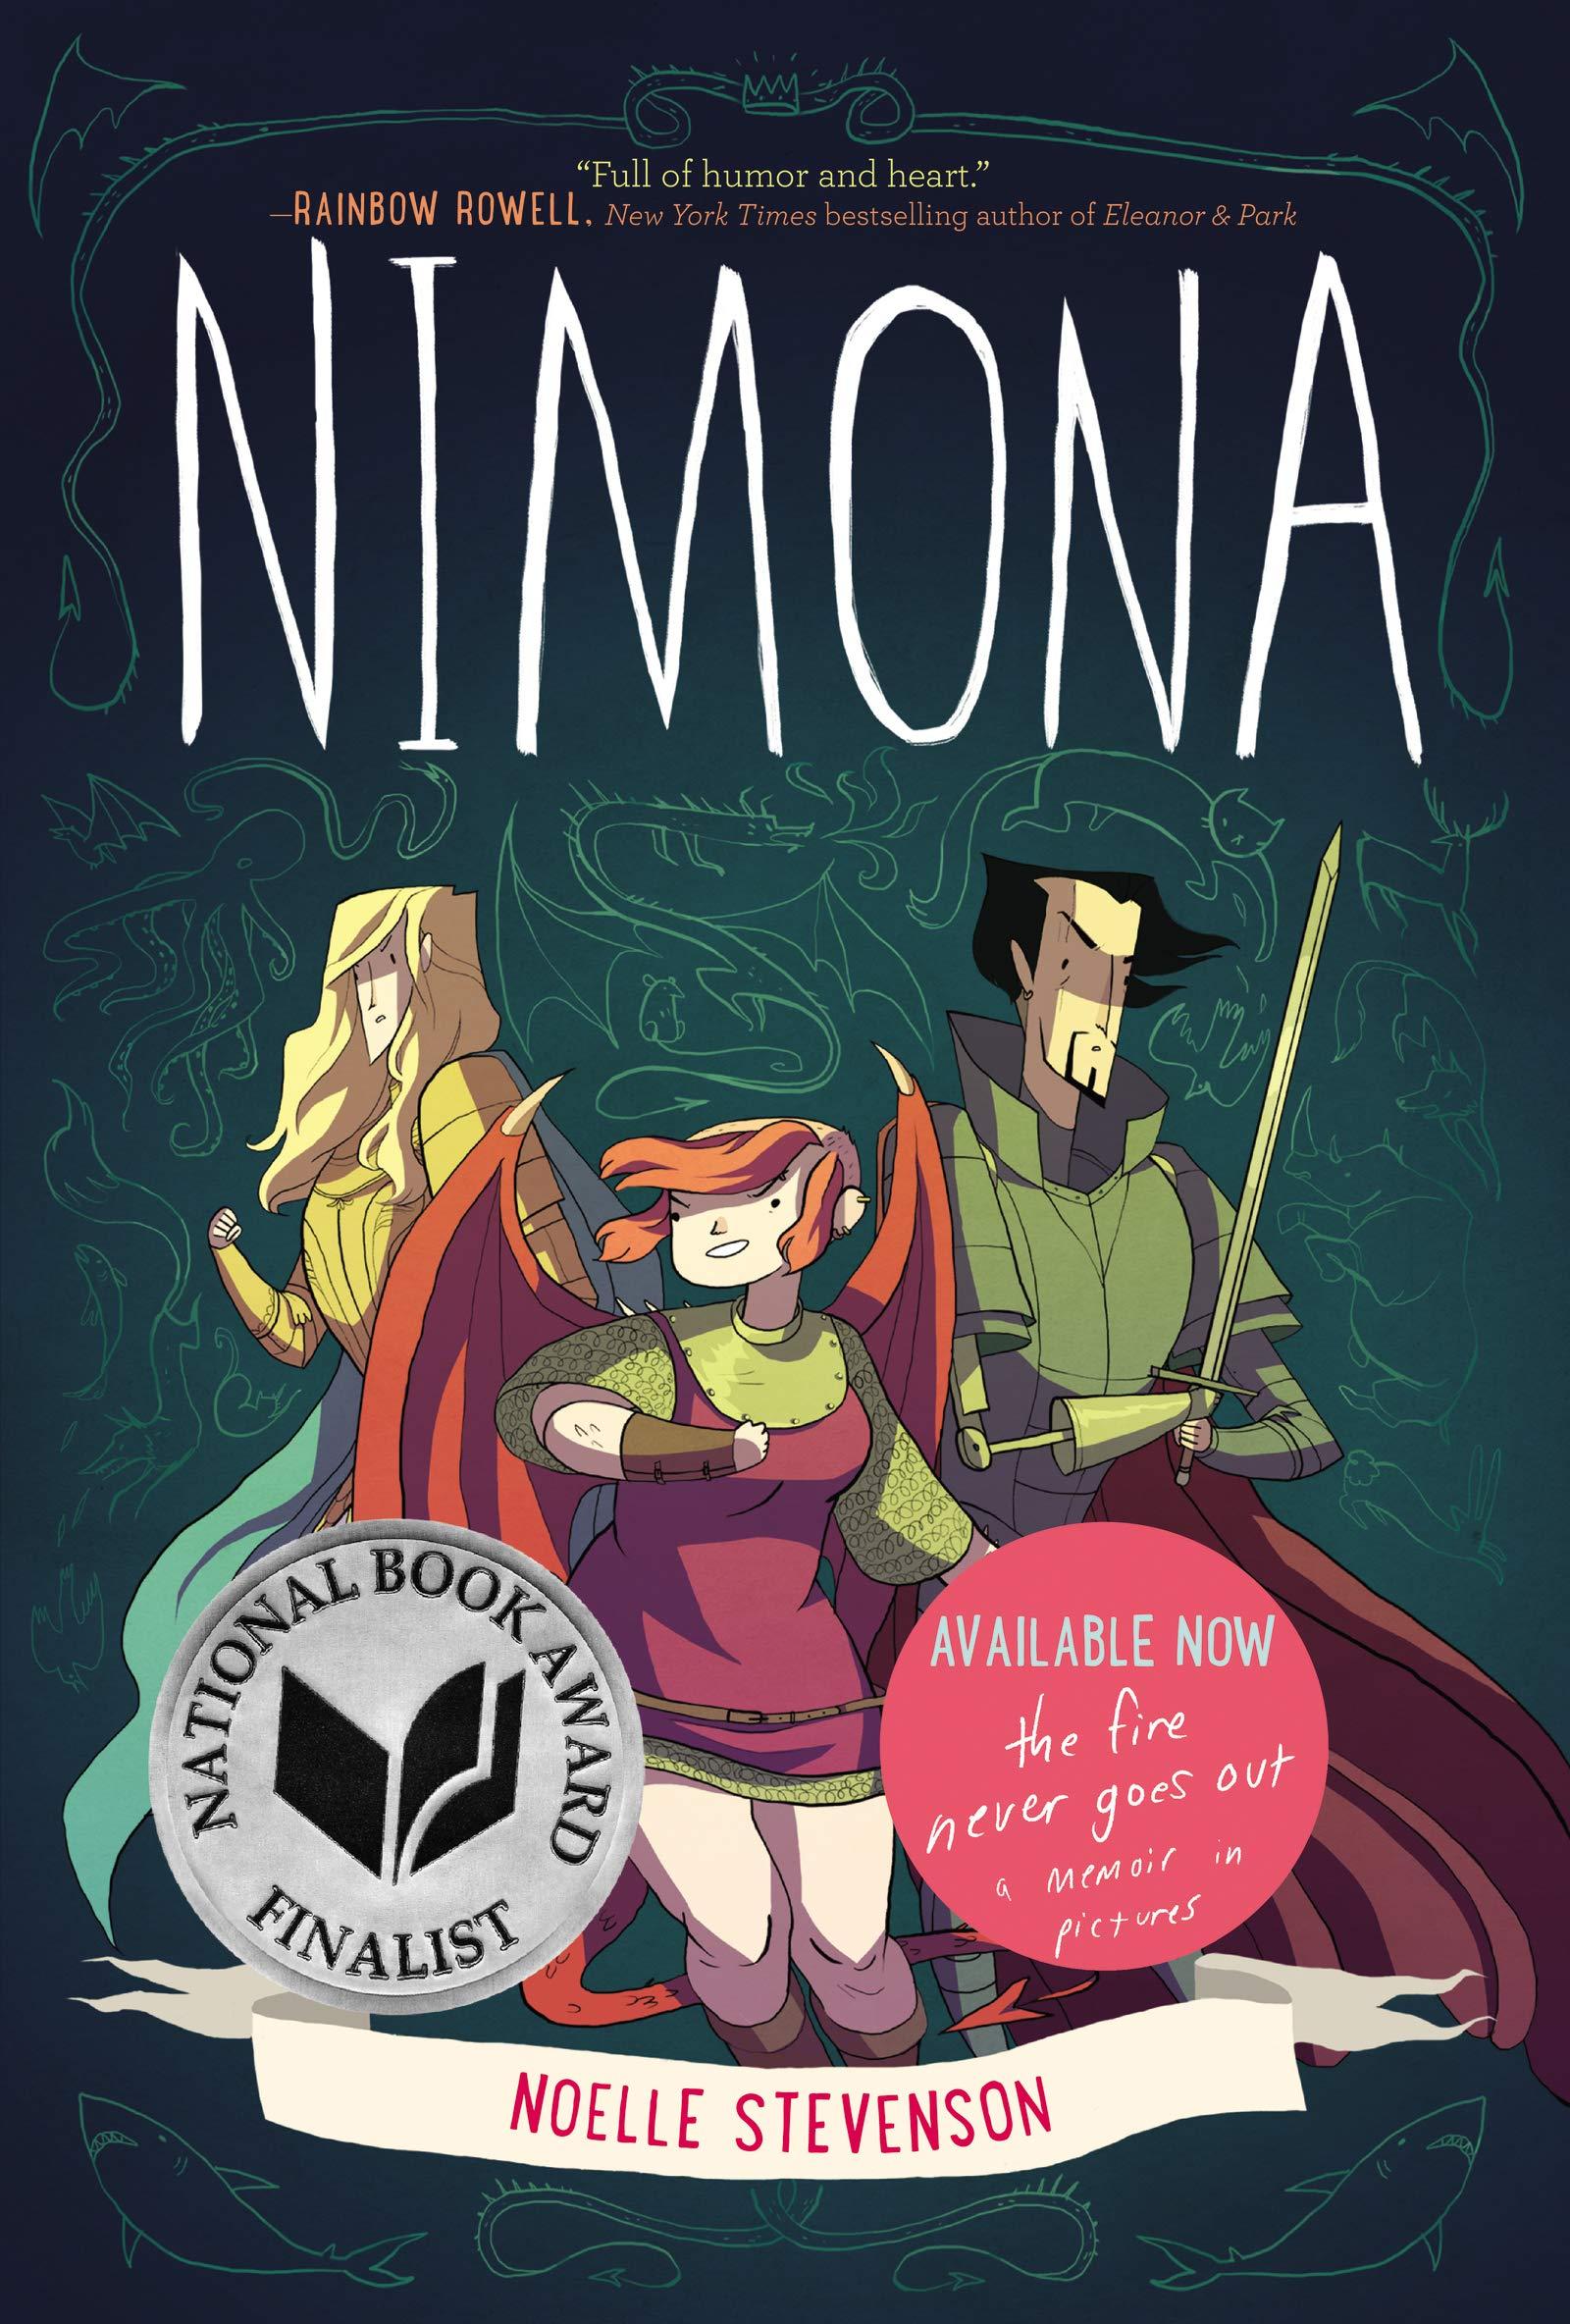 Amazon.com: Nimona: 9780062278227: Stevenson, Noelle, Stevenson, Noelle:  Books